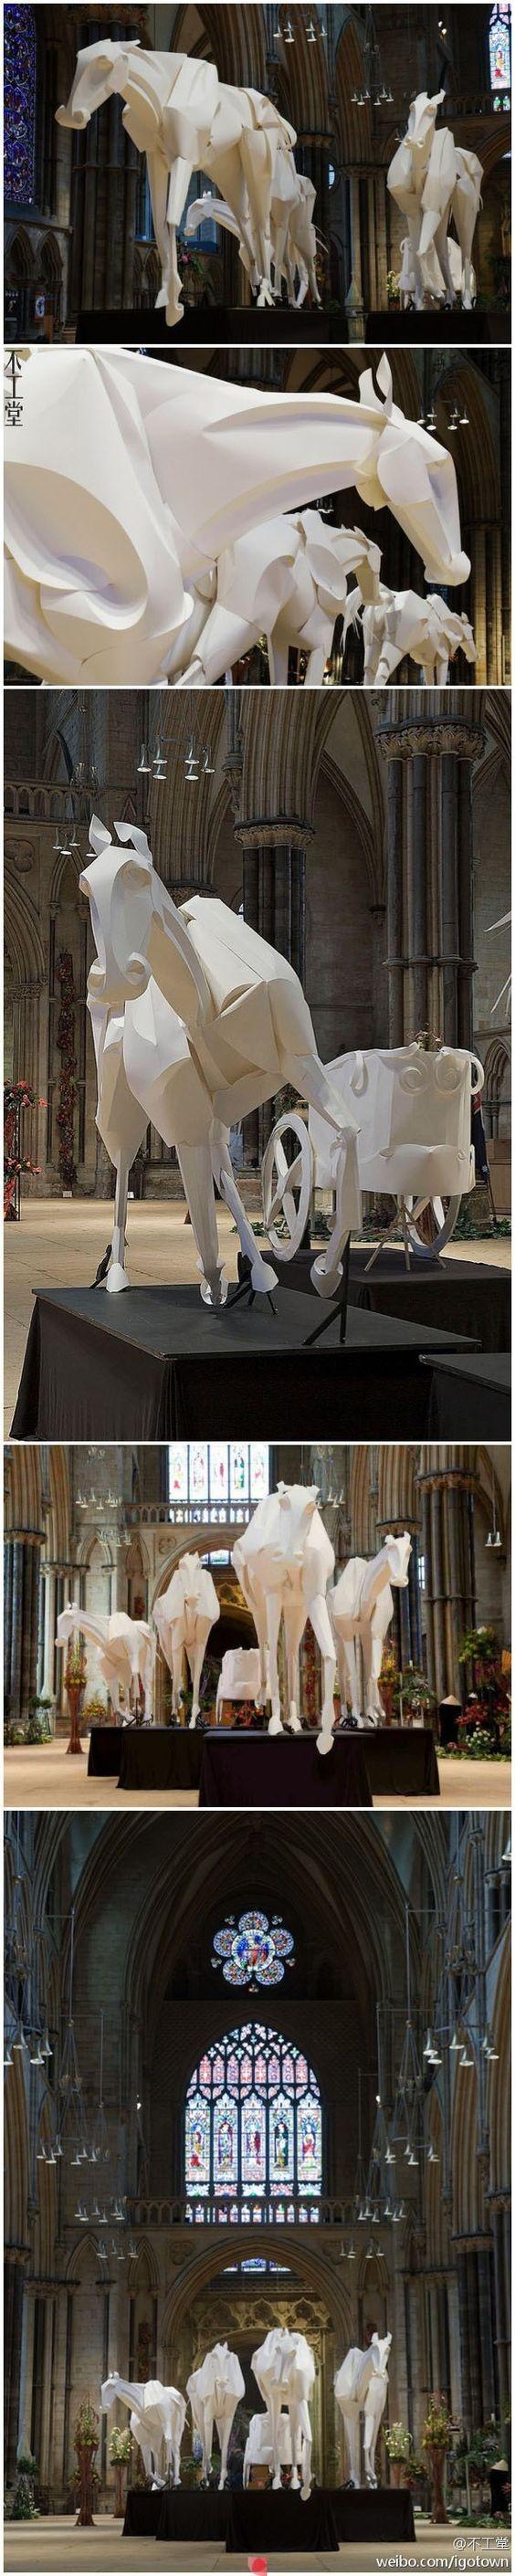 פסלים מעיסת נייר למכירה